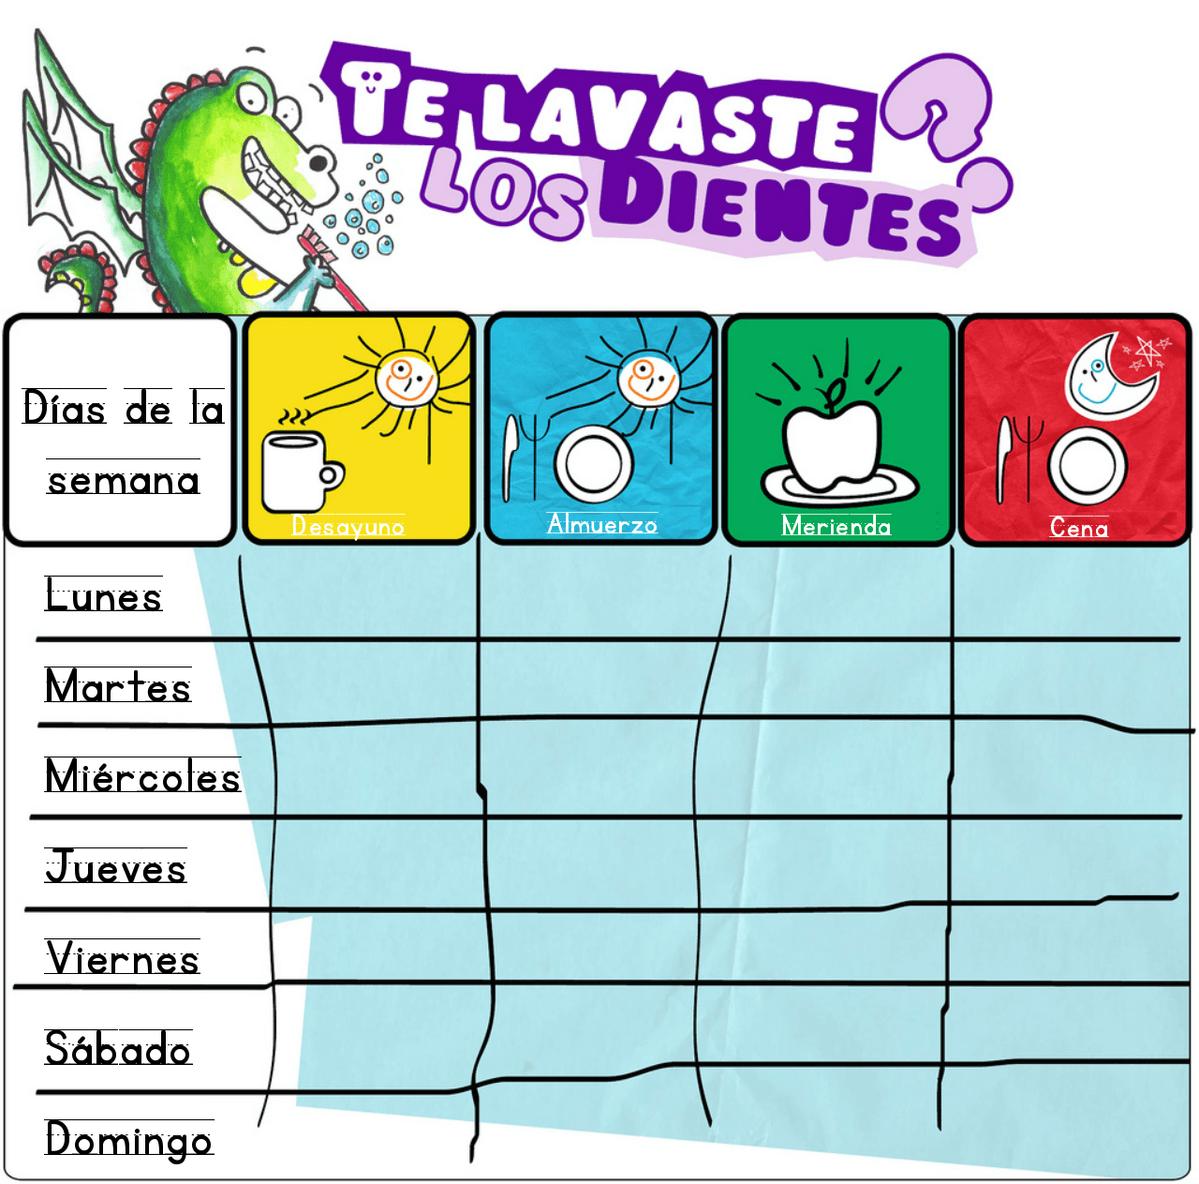 FICHA DE REGISTRO LAVARSE LOS DIENTES  601d61123283